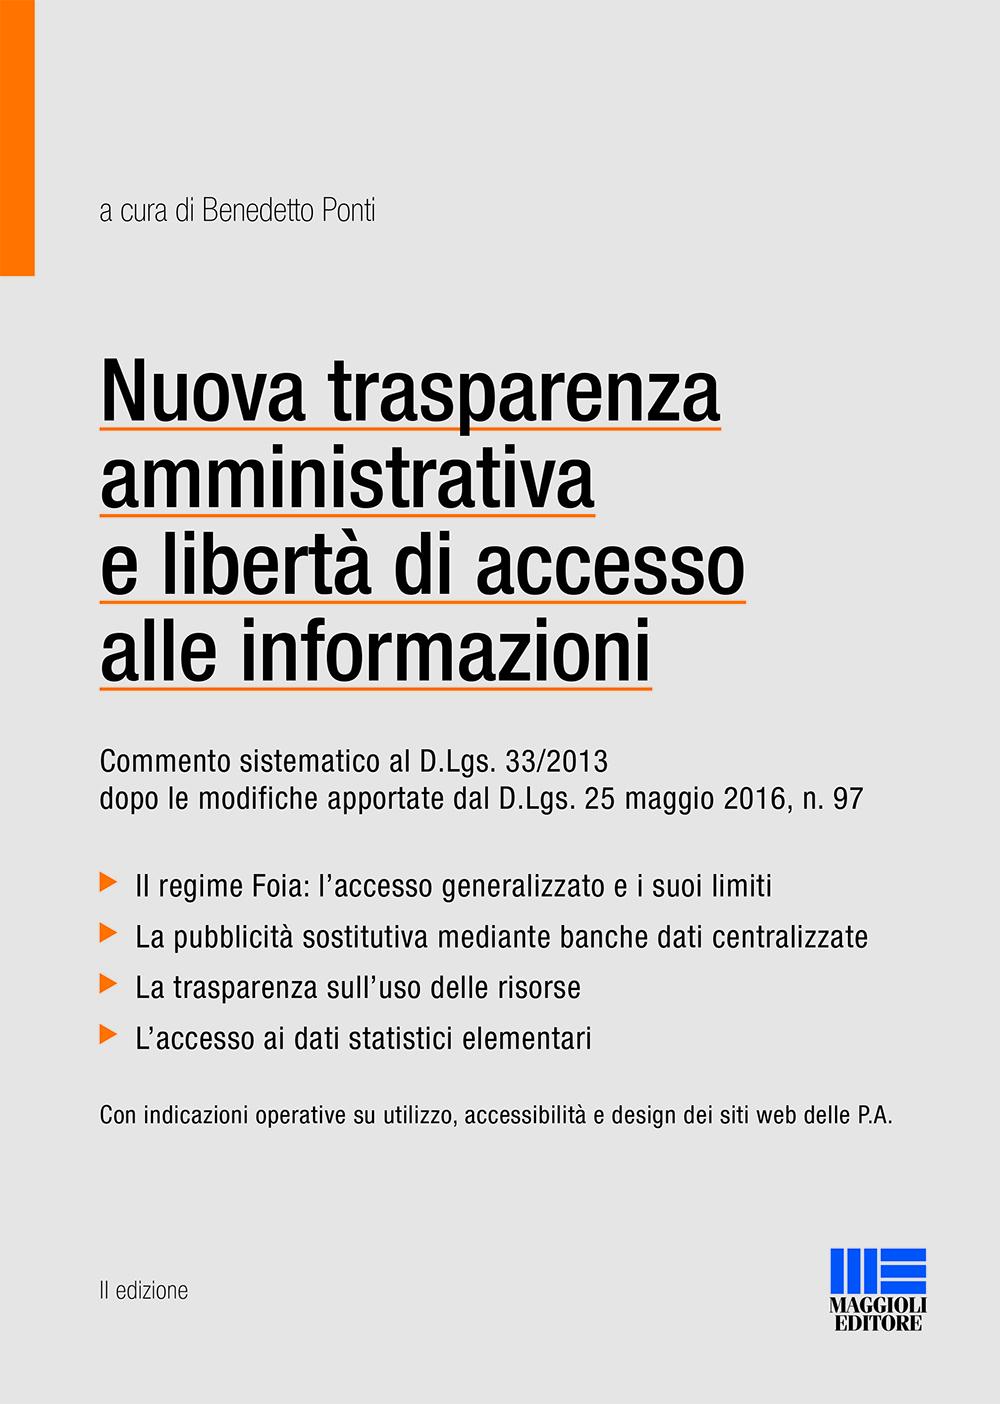 Nuova trasparenza amministrativa e libert� di accesso alle informazioni